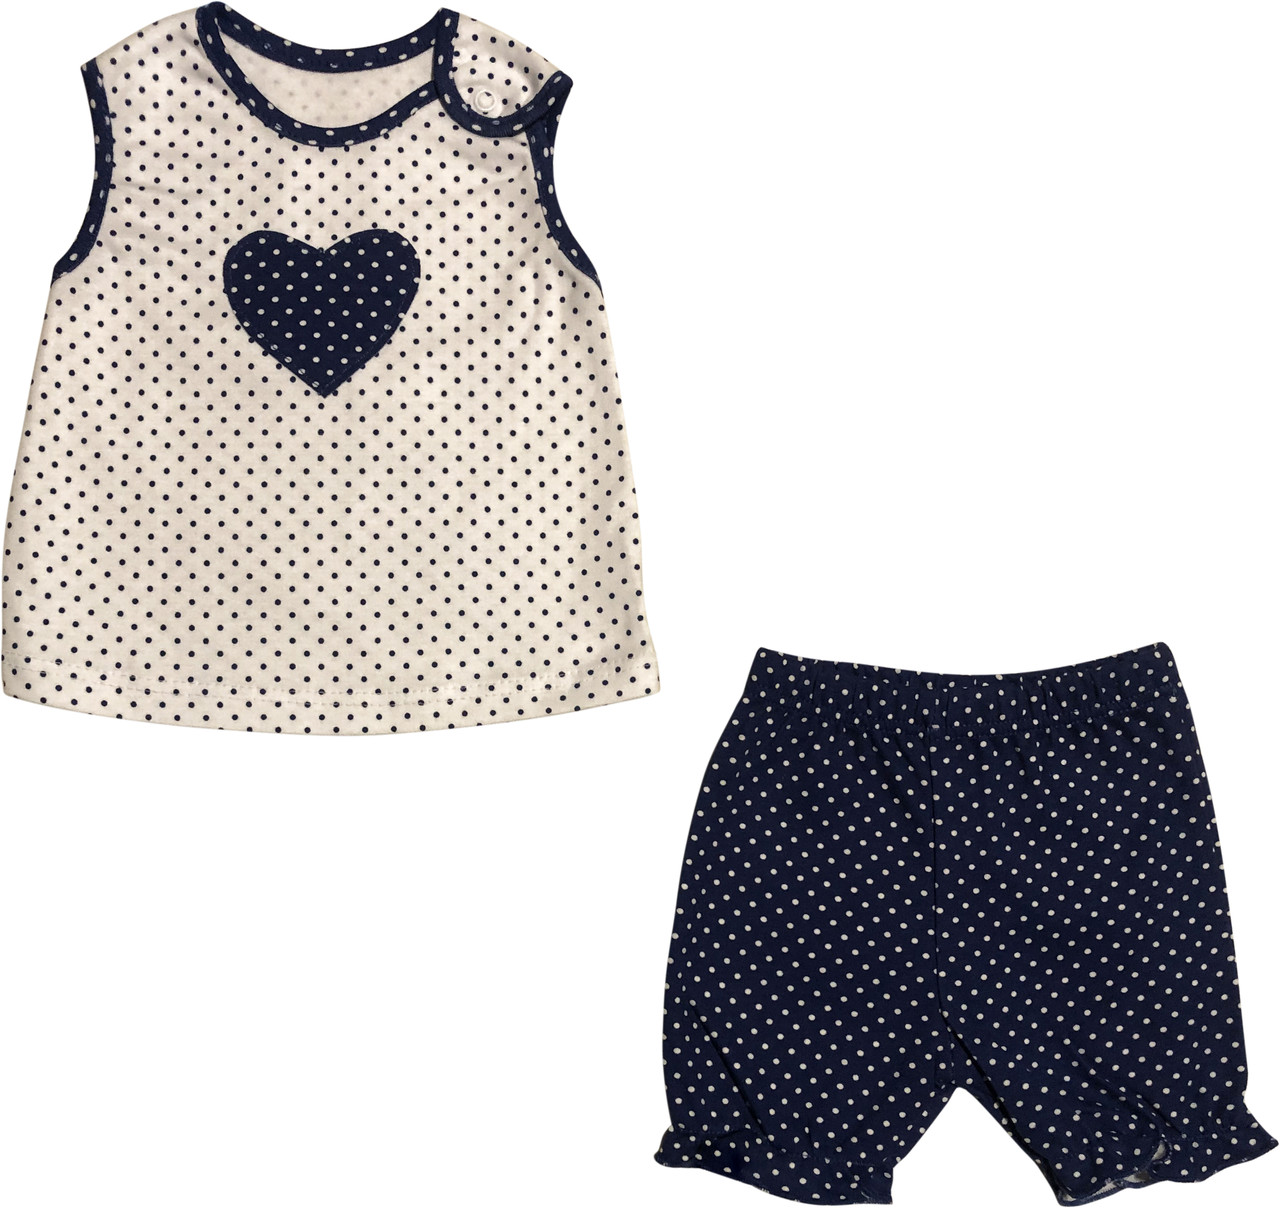 Літній костюм на дівчинку ріст 68 3-6 міс для новонароджених комплект футболка і шорти дитячий бавовна літо синій